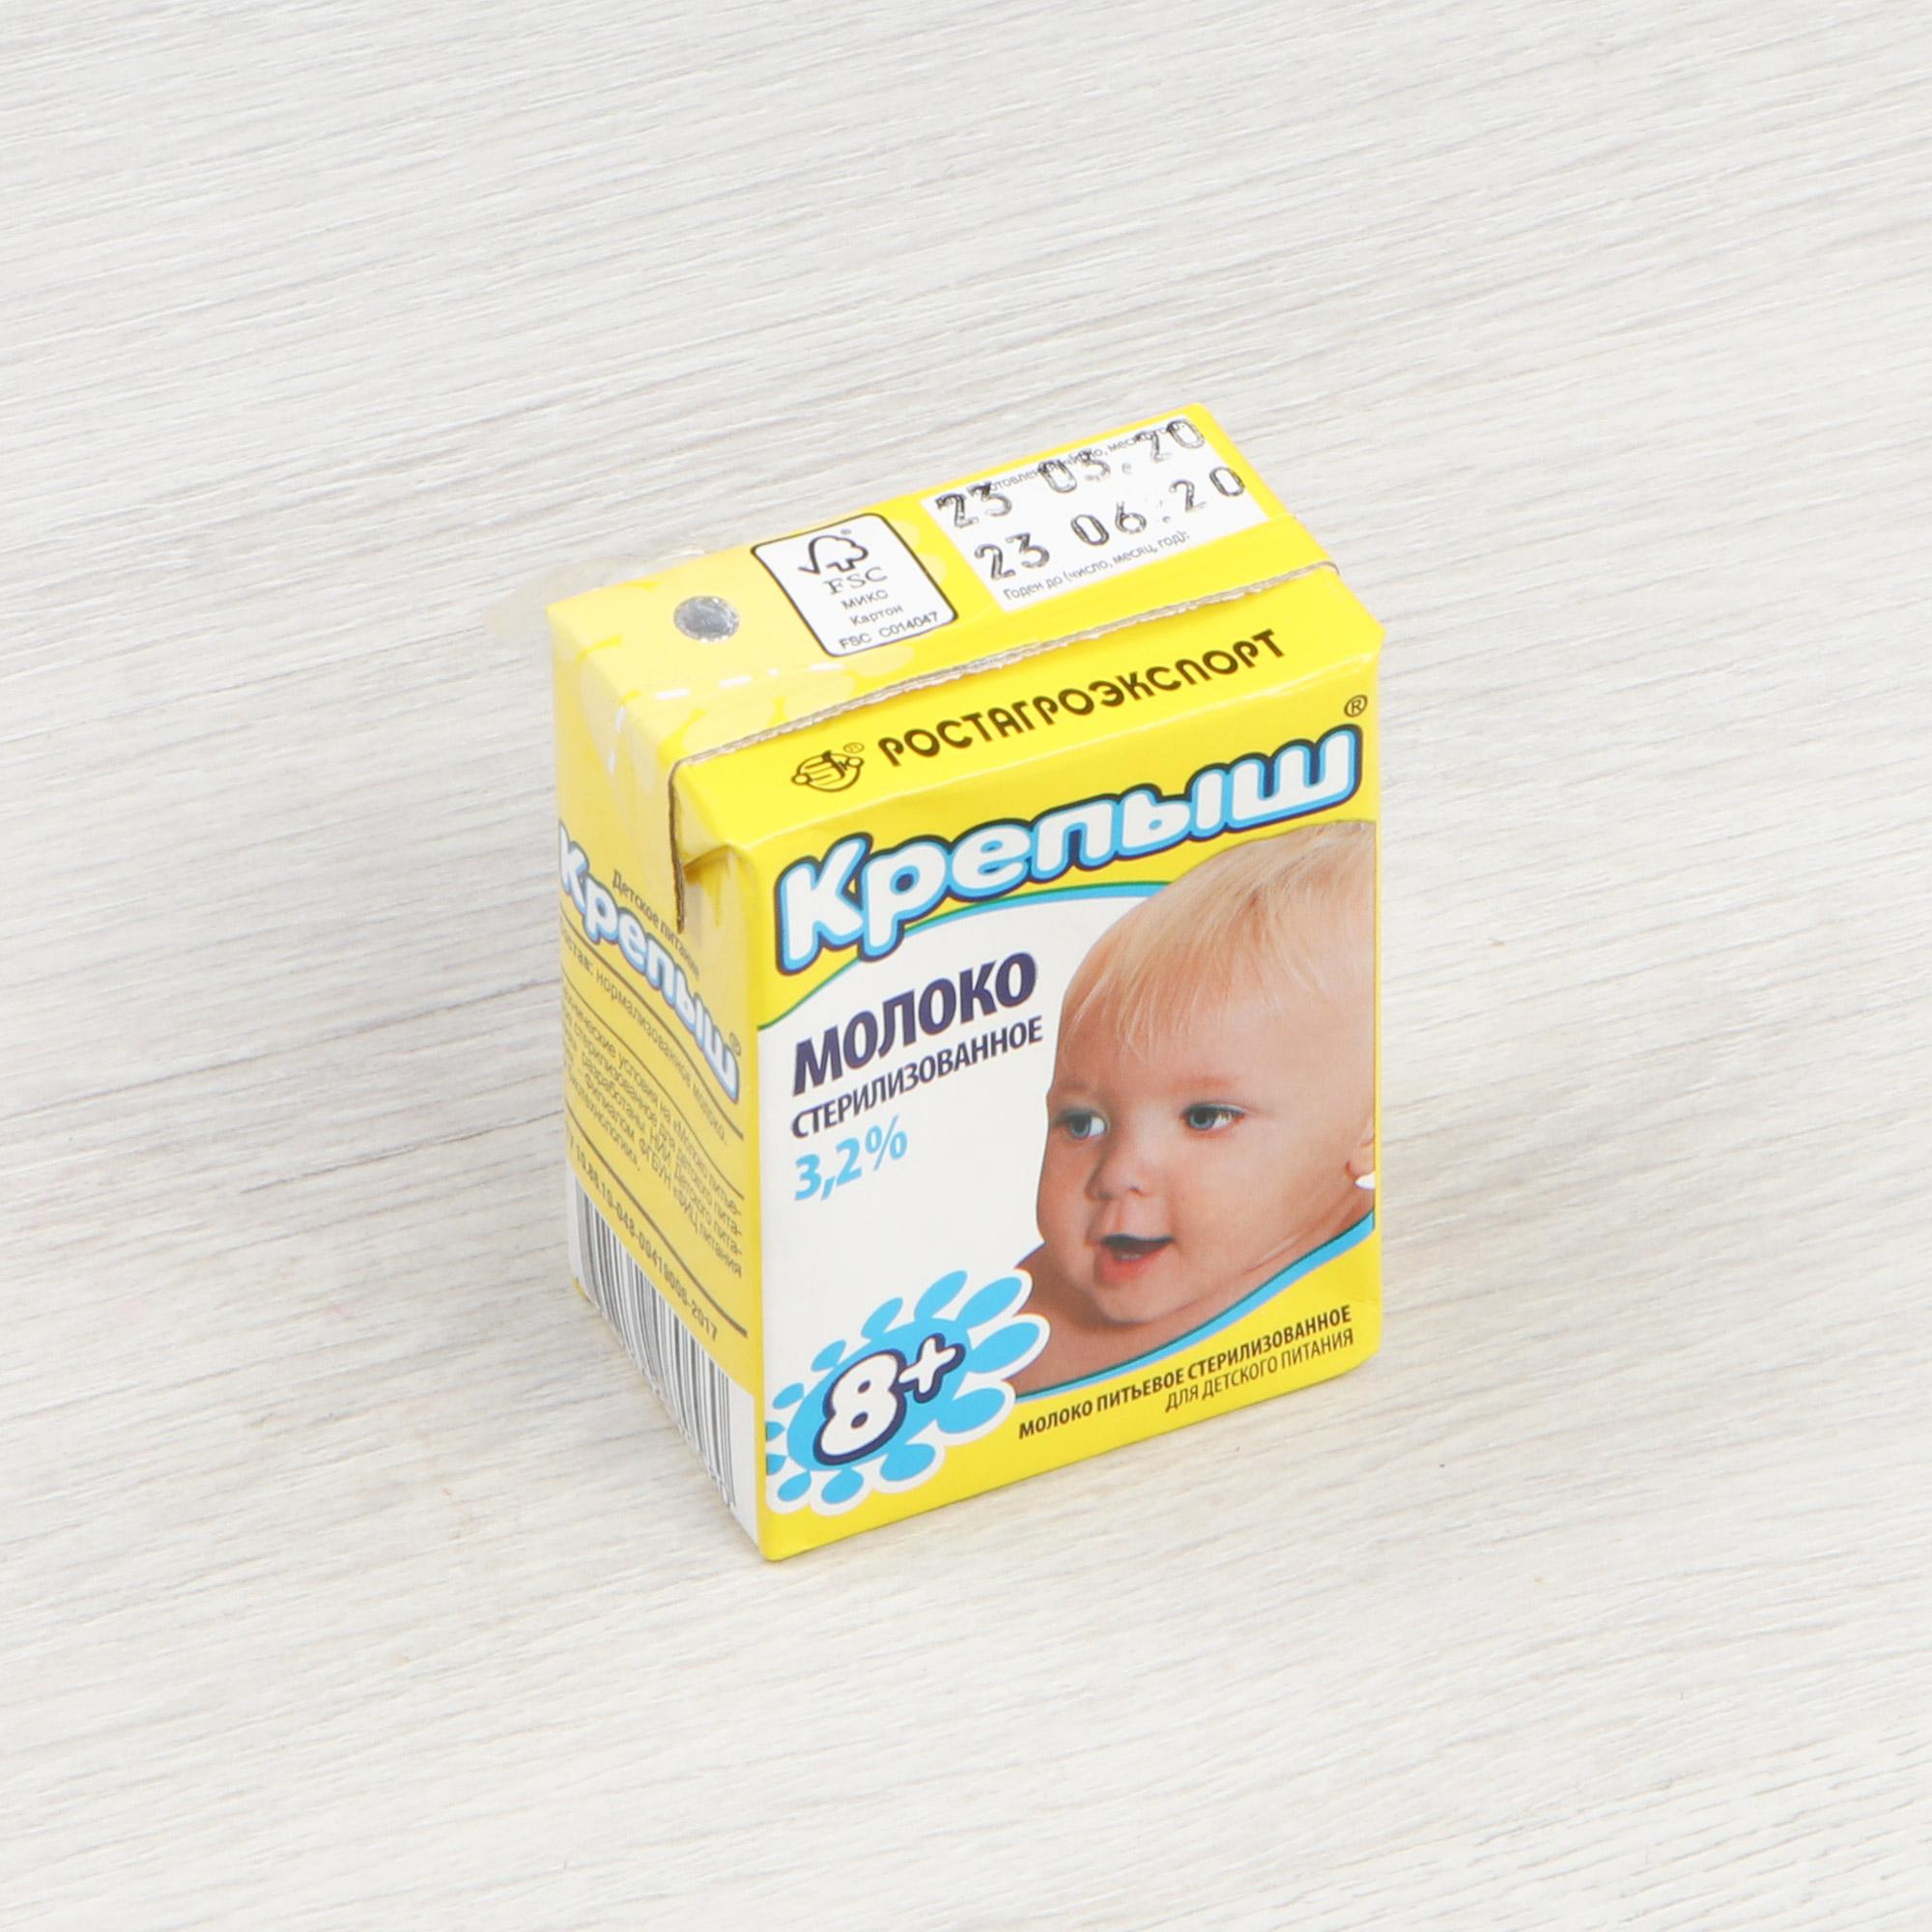 Молоко Крепыш стерилизованное с 8 месяцев 3,2% 200 мл недорого